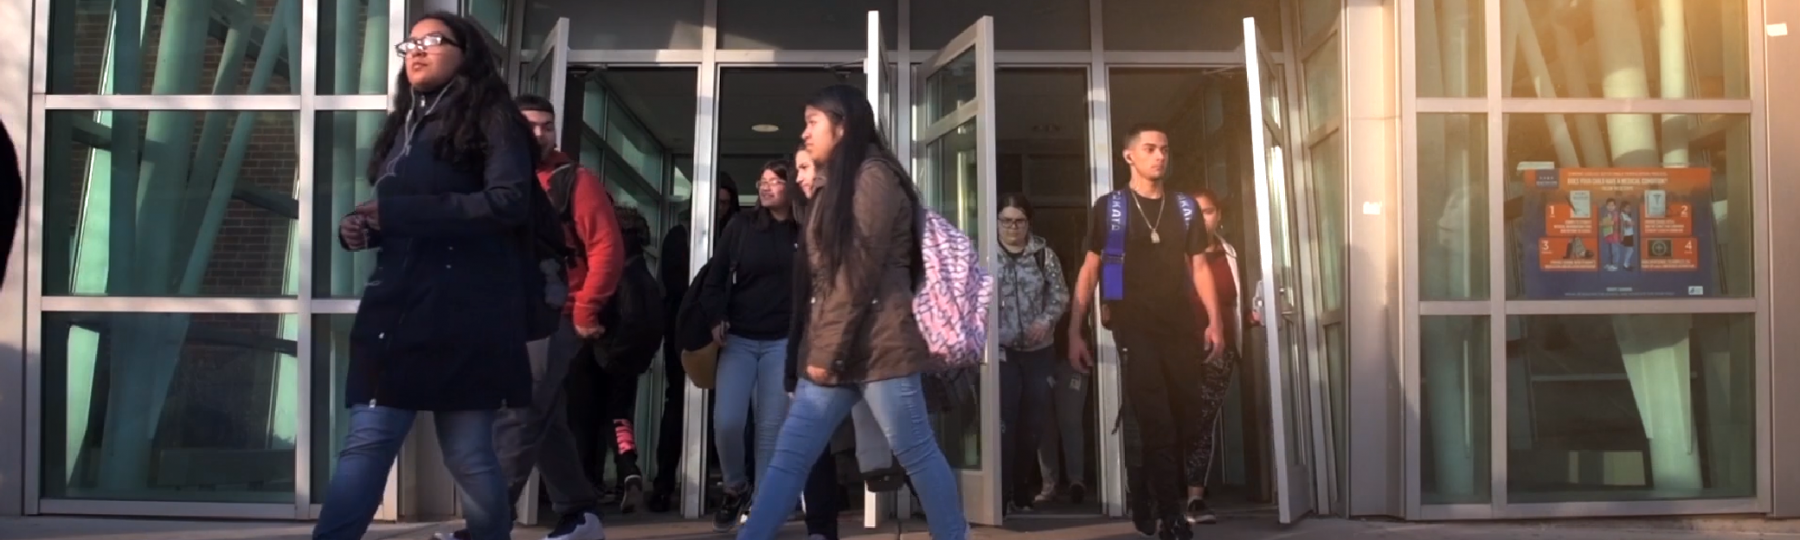 Freshmen walk out of their high school building